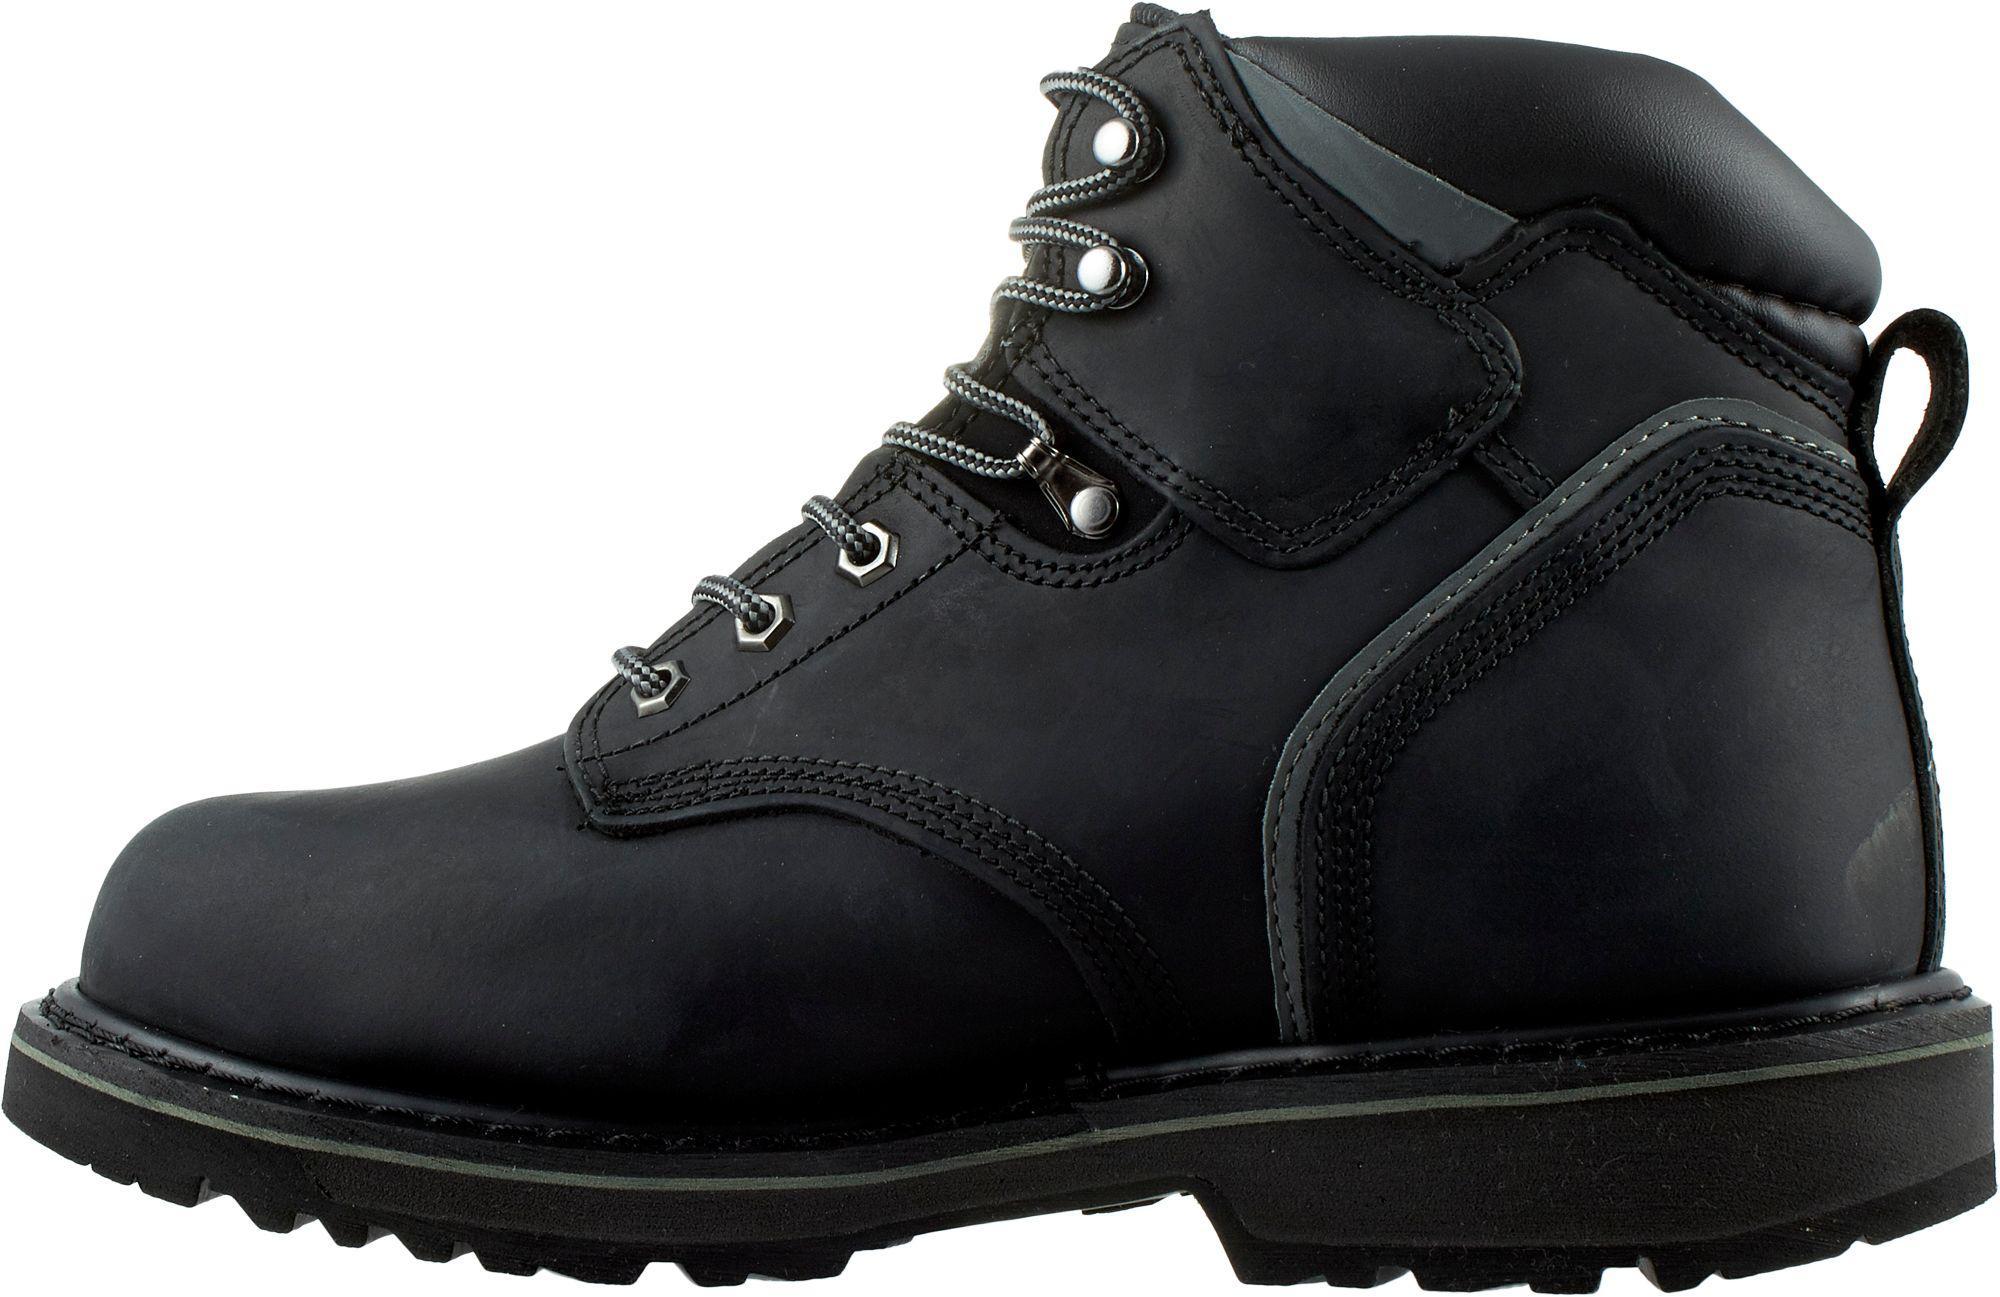 Pro Jobsite Steel Toe Work Boots